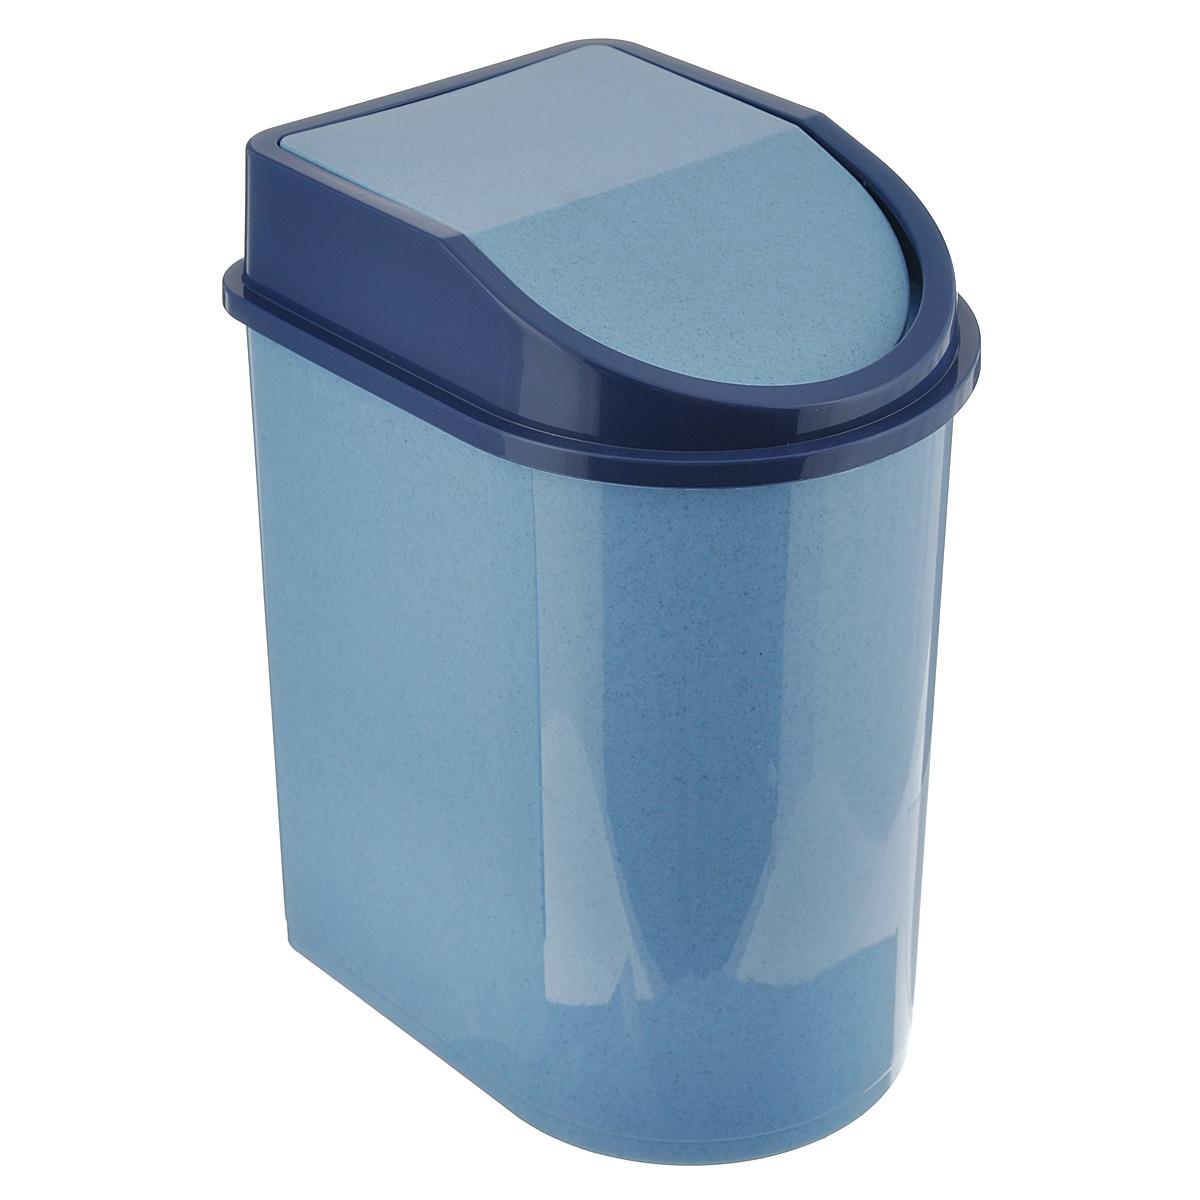 Контейнер для мусора Idea, цвет: голубой мрамор, 5 лOLIVIERA 75012-5C CHROMEМусорный контейнер Idea, выполненный из прочного полипропилена (пластика), не боится ударов и долгих лет использования. Изделие оснащено плавающей крышкой, с помощью которой его легко использовать. Крышка плотно прилегает, предотвращая распространение запаха. Вы можете использовать такой контейнер для выбрасывания разных пищевых и не пищевых отходов. Контейнер может пригодиться также в ванной комнате или у туалетного столика.